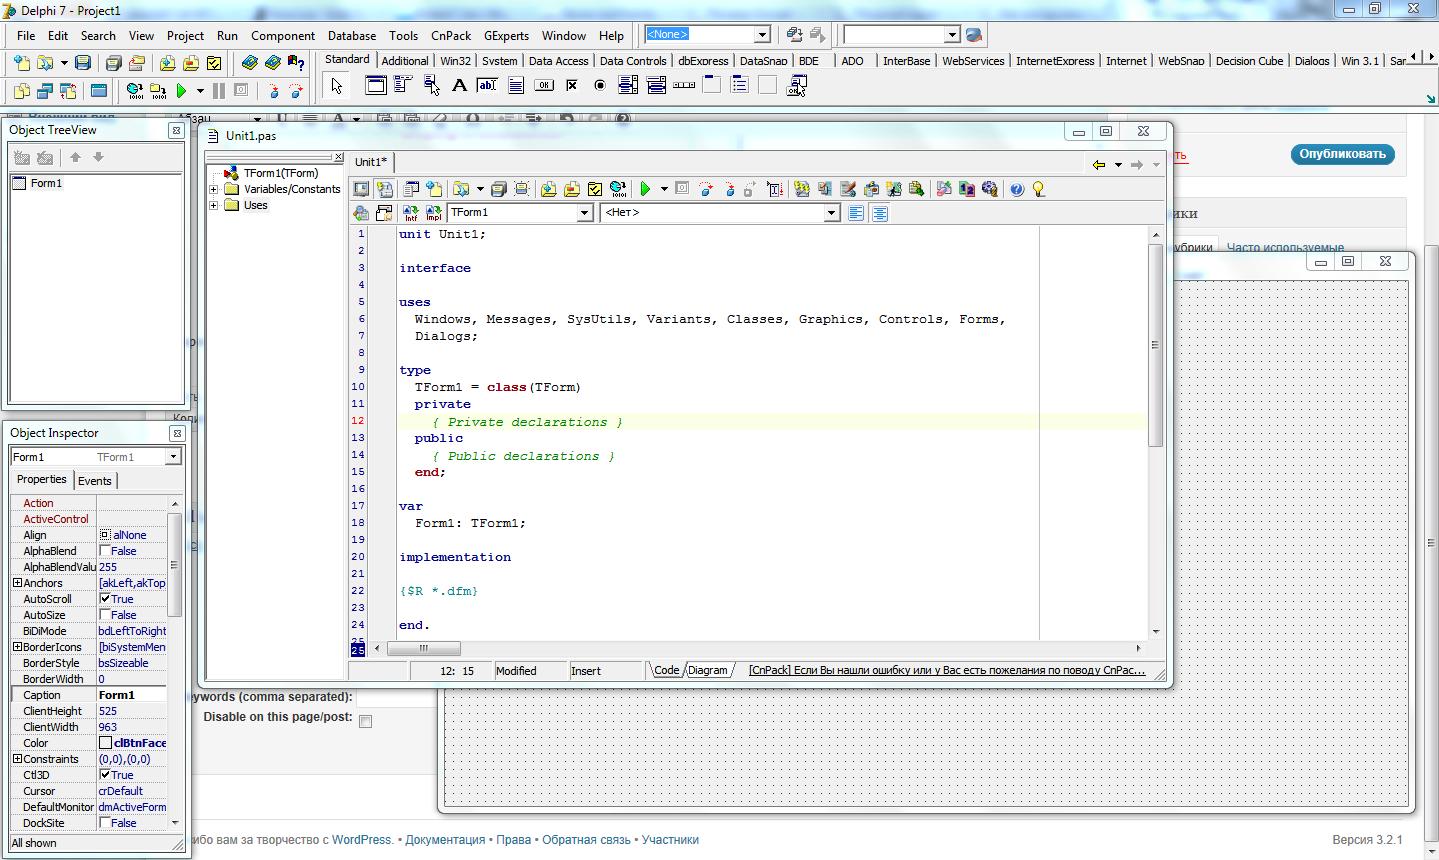 Как в delphi сделать форму на весь экран